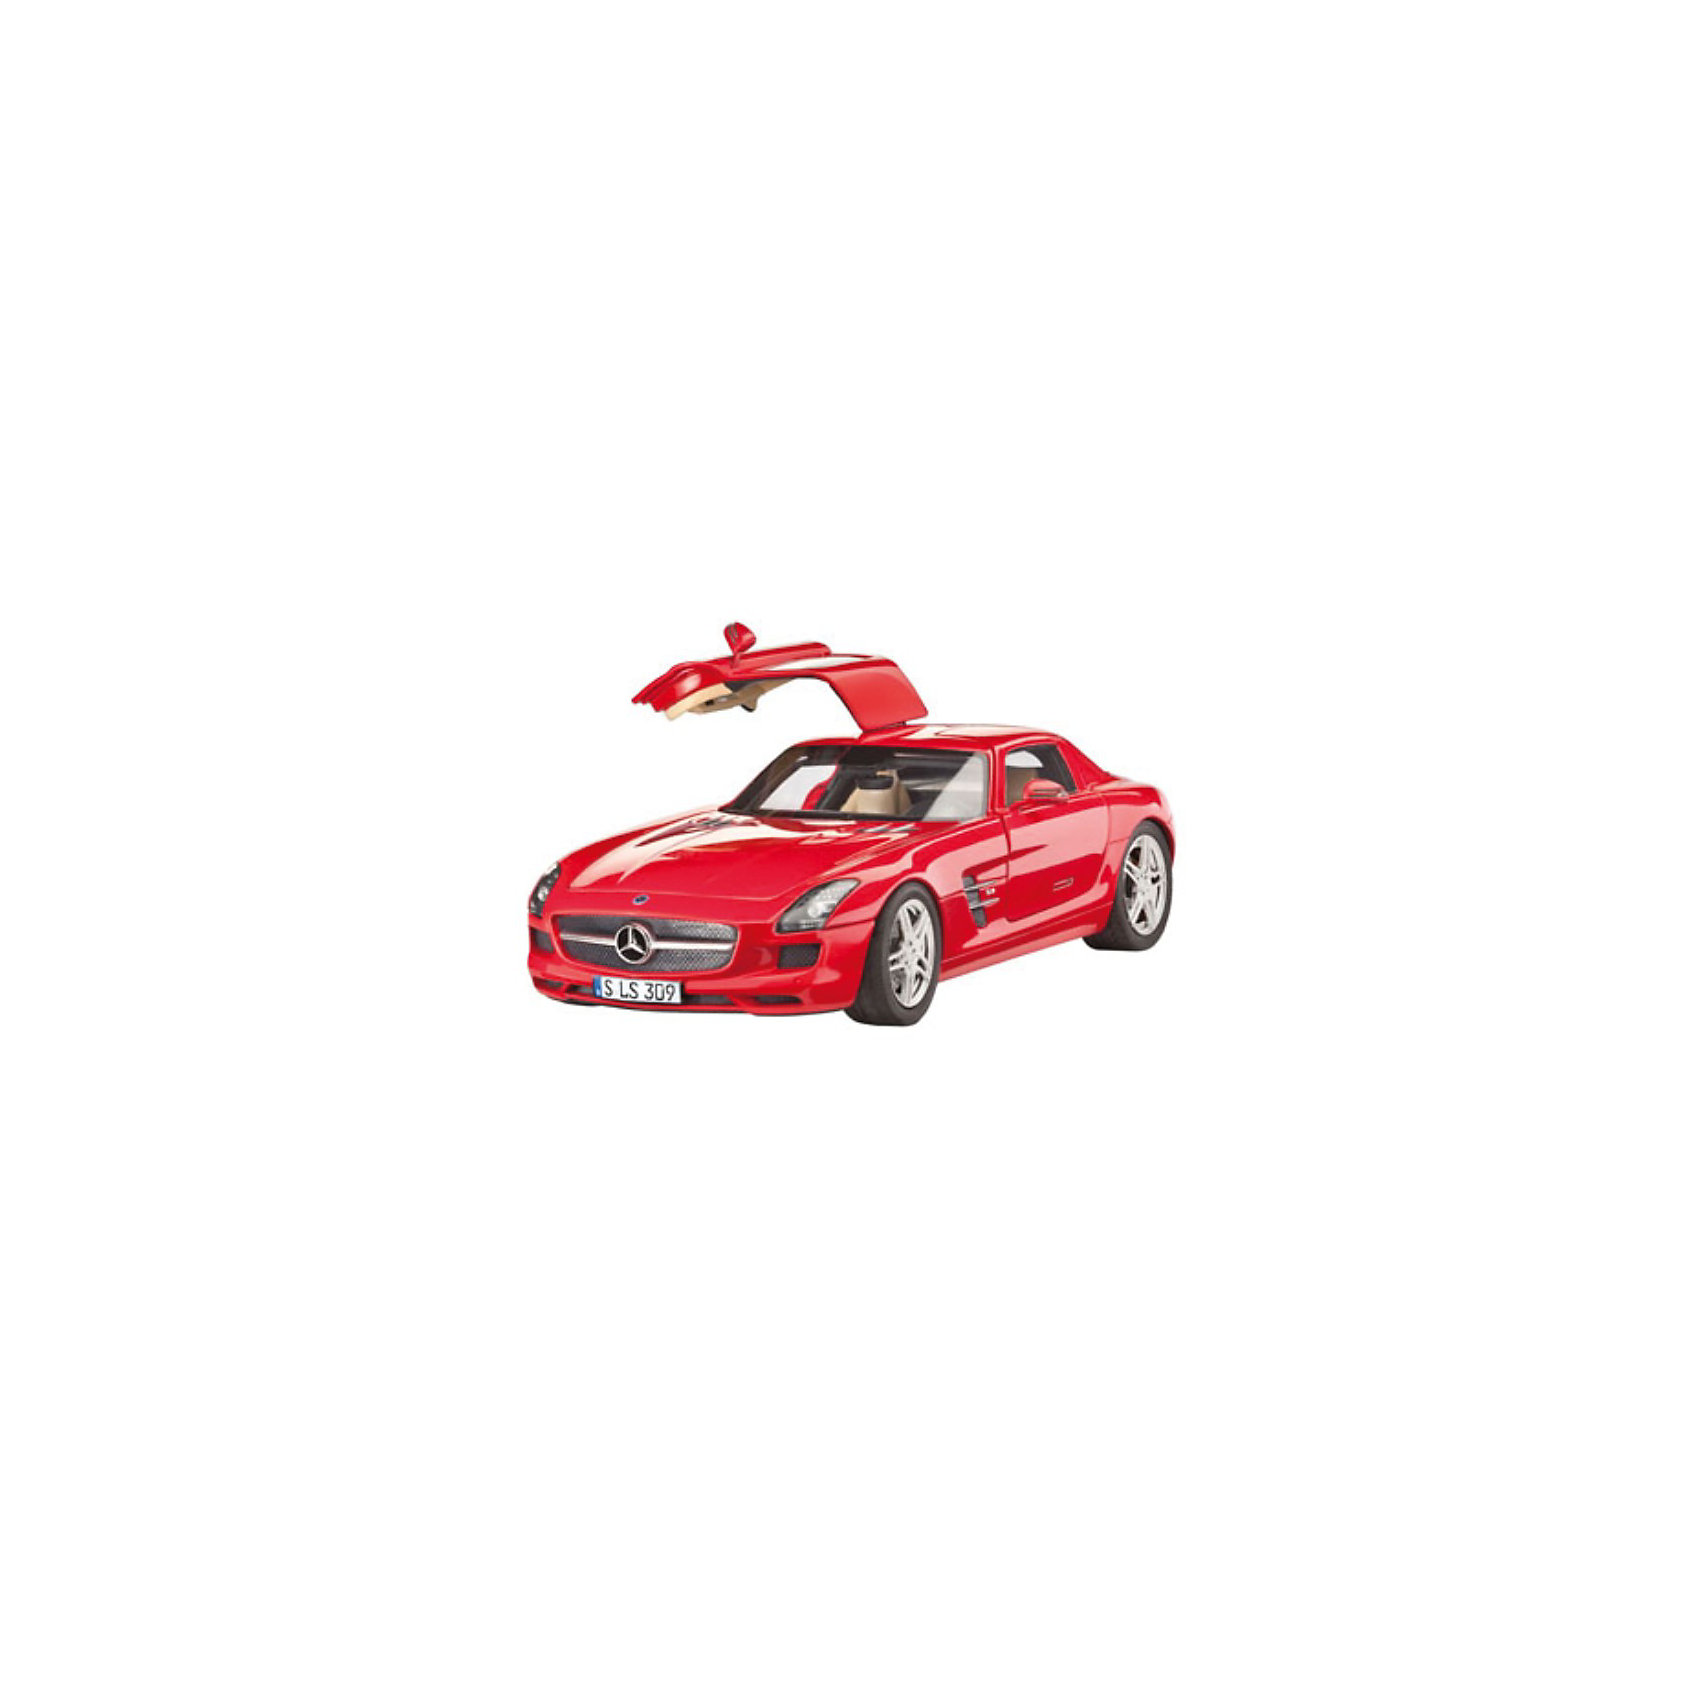 Автомобиль Mercedes SLS AMGМодели для склеивания<br>Mercedes-Benz SLS AMG — суперкар, преемник Mercedes-Benz SLR McLaren и идеологический наследник Mercedes-Benz 300SL. Мировая премьера состоялась в 2009 году на франкфуртском автосалоне. Автомобиль появится в продаже в 2010 году по цене ~€175 000. Спорткар оснащен 6,3 л двигателем V8 M159, развивающим мощность 571 л.с при 6800 об/мин и крутящий момент 650 Нм при 4750 об/мин <br>Масштаб: 1:24 <br>Количество деталей: 141 <br>Длина: 193 мм <br>ВНИМАНИЕ: Клей и краски в комплект не входят<br><br>Ширина мм: 360<br>Глубина мм: 215<br>Высота мм: 71<br>Вес г: 411<br>Возраст от месяцев: 168<br>Возраст до месяцев: 228<br>Пол: Мужской<br>Возраст: Детский<br>SKU: 2071133